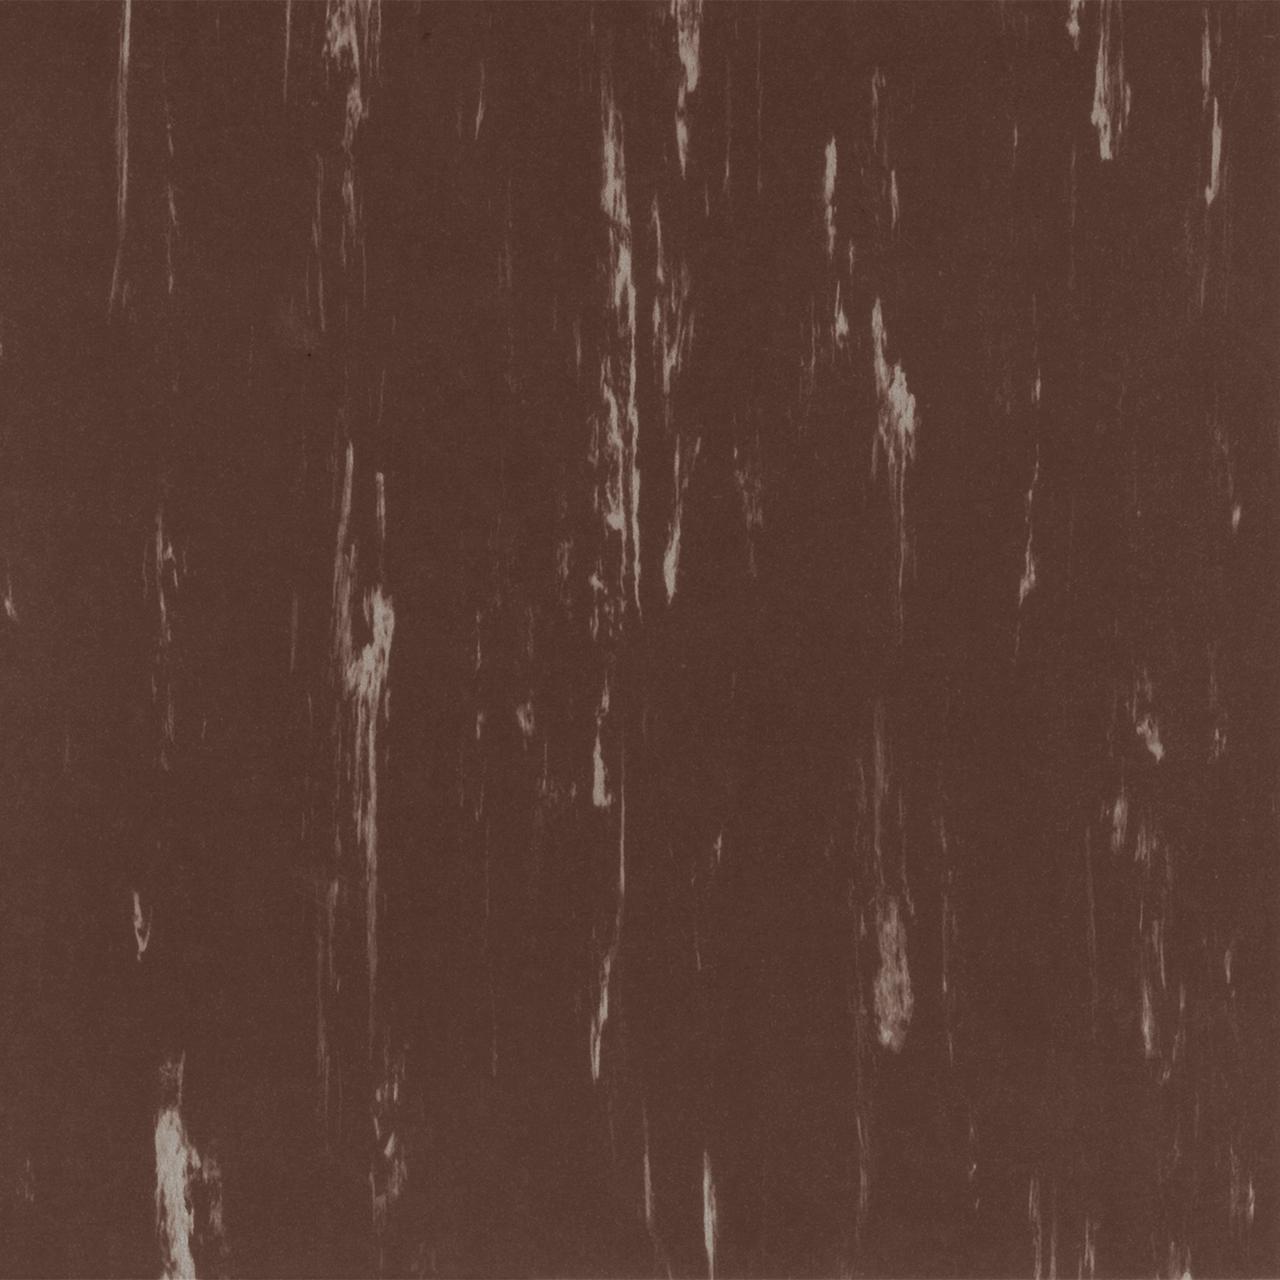 Smooth Matting | Smooth Top Mahogany Marbled